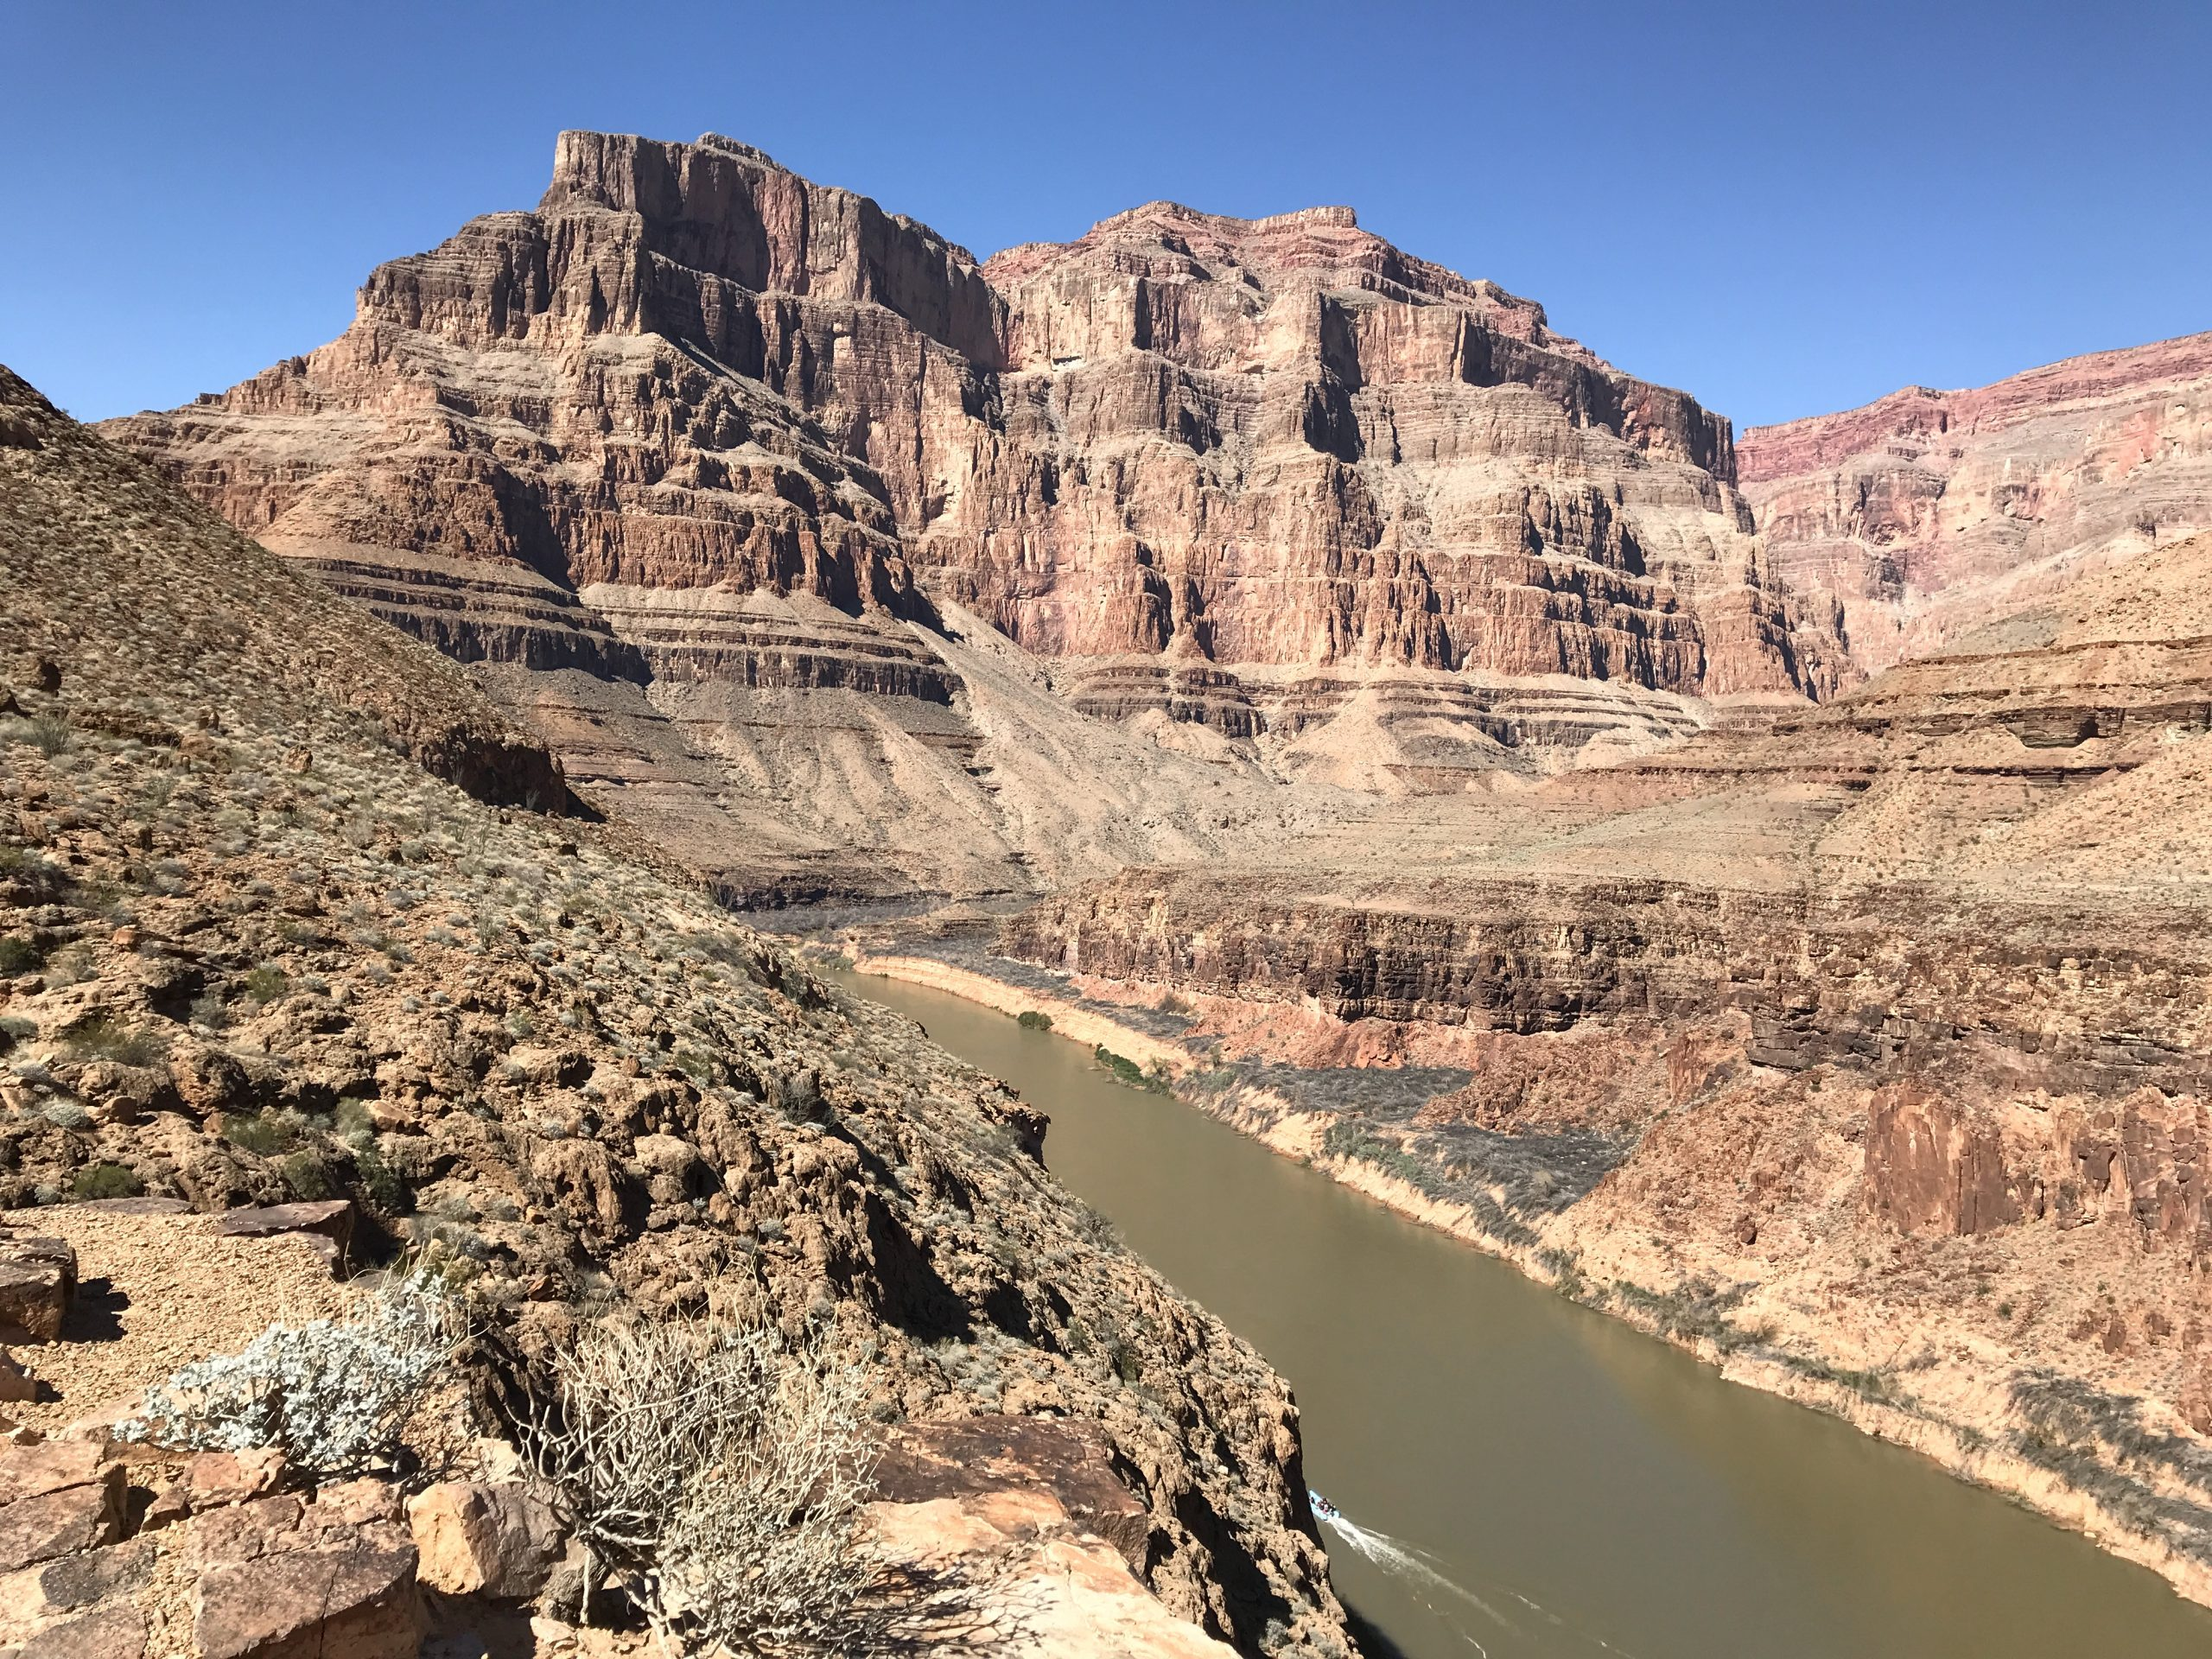 Grand Canyon with Colorado River